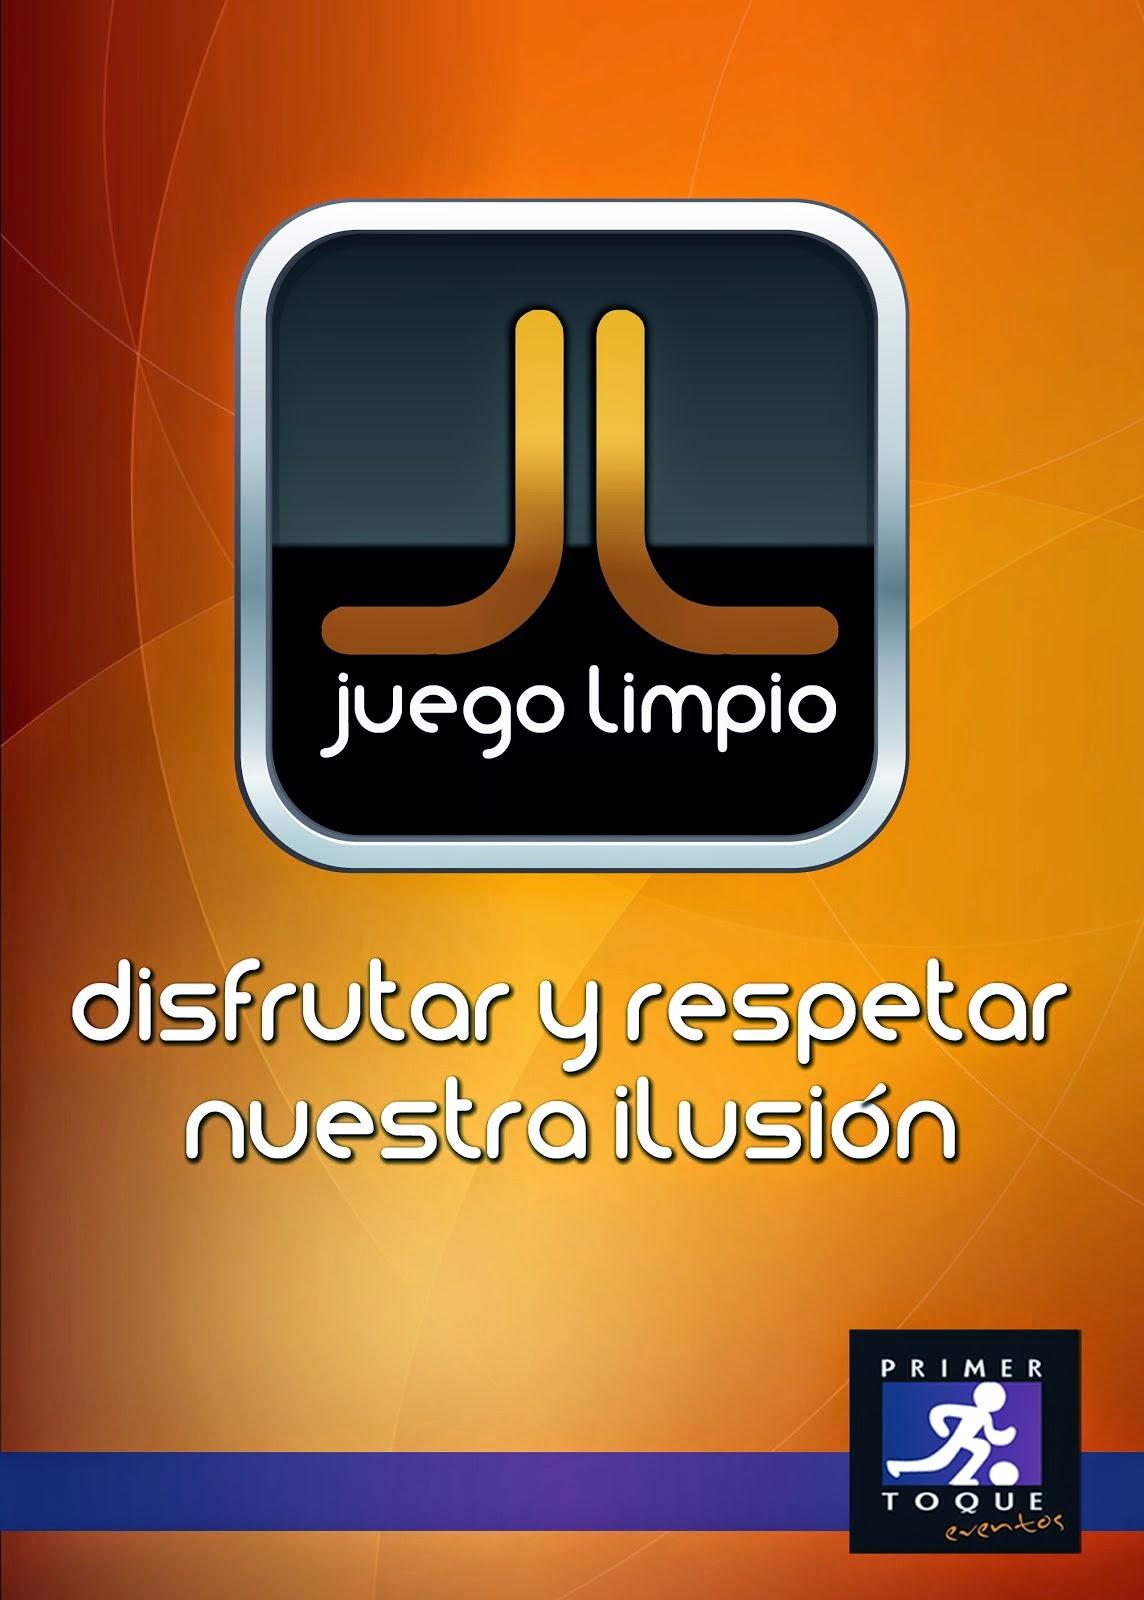 JUEGO LIMPIO